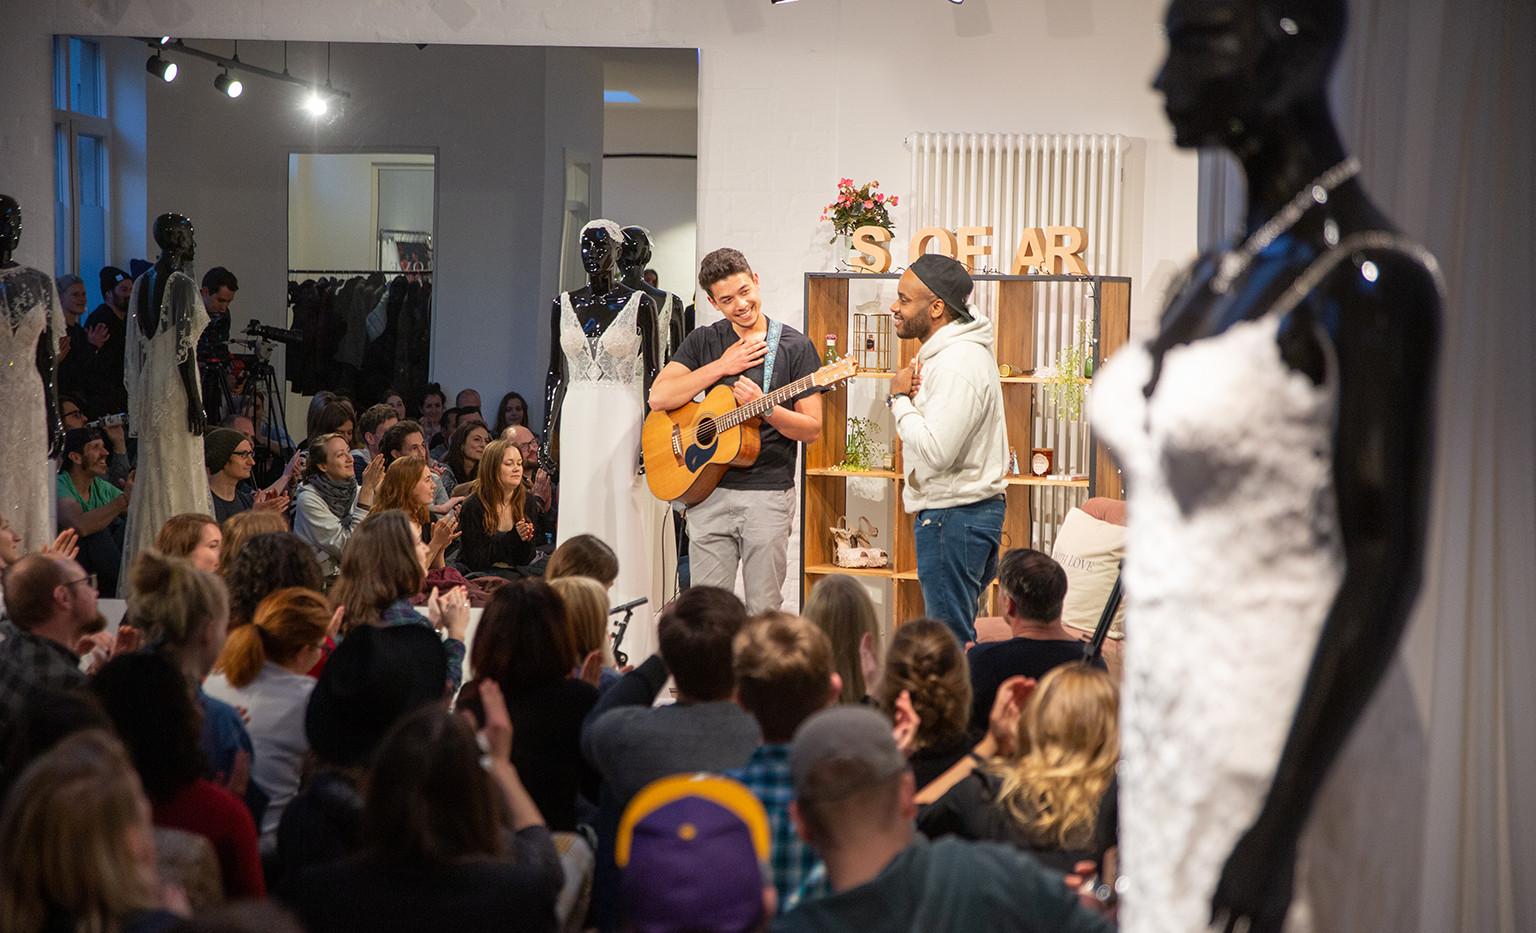 Die Künstler bedanken sich beim Publikum! The perfomers say thank you to the audience!